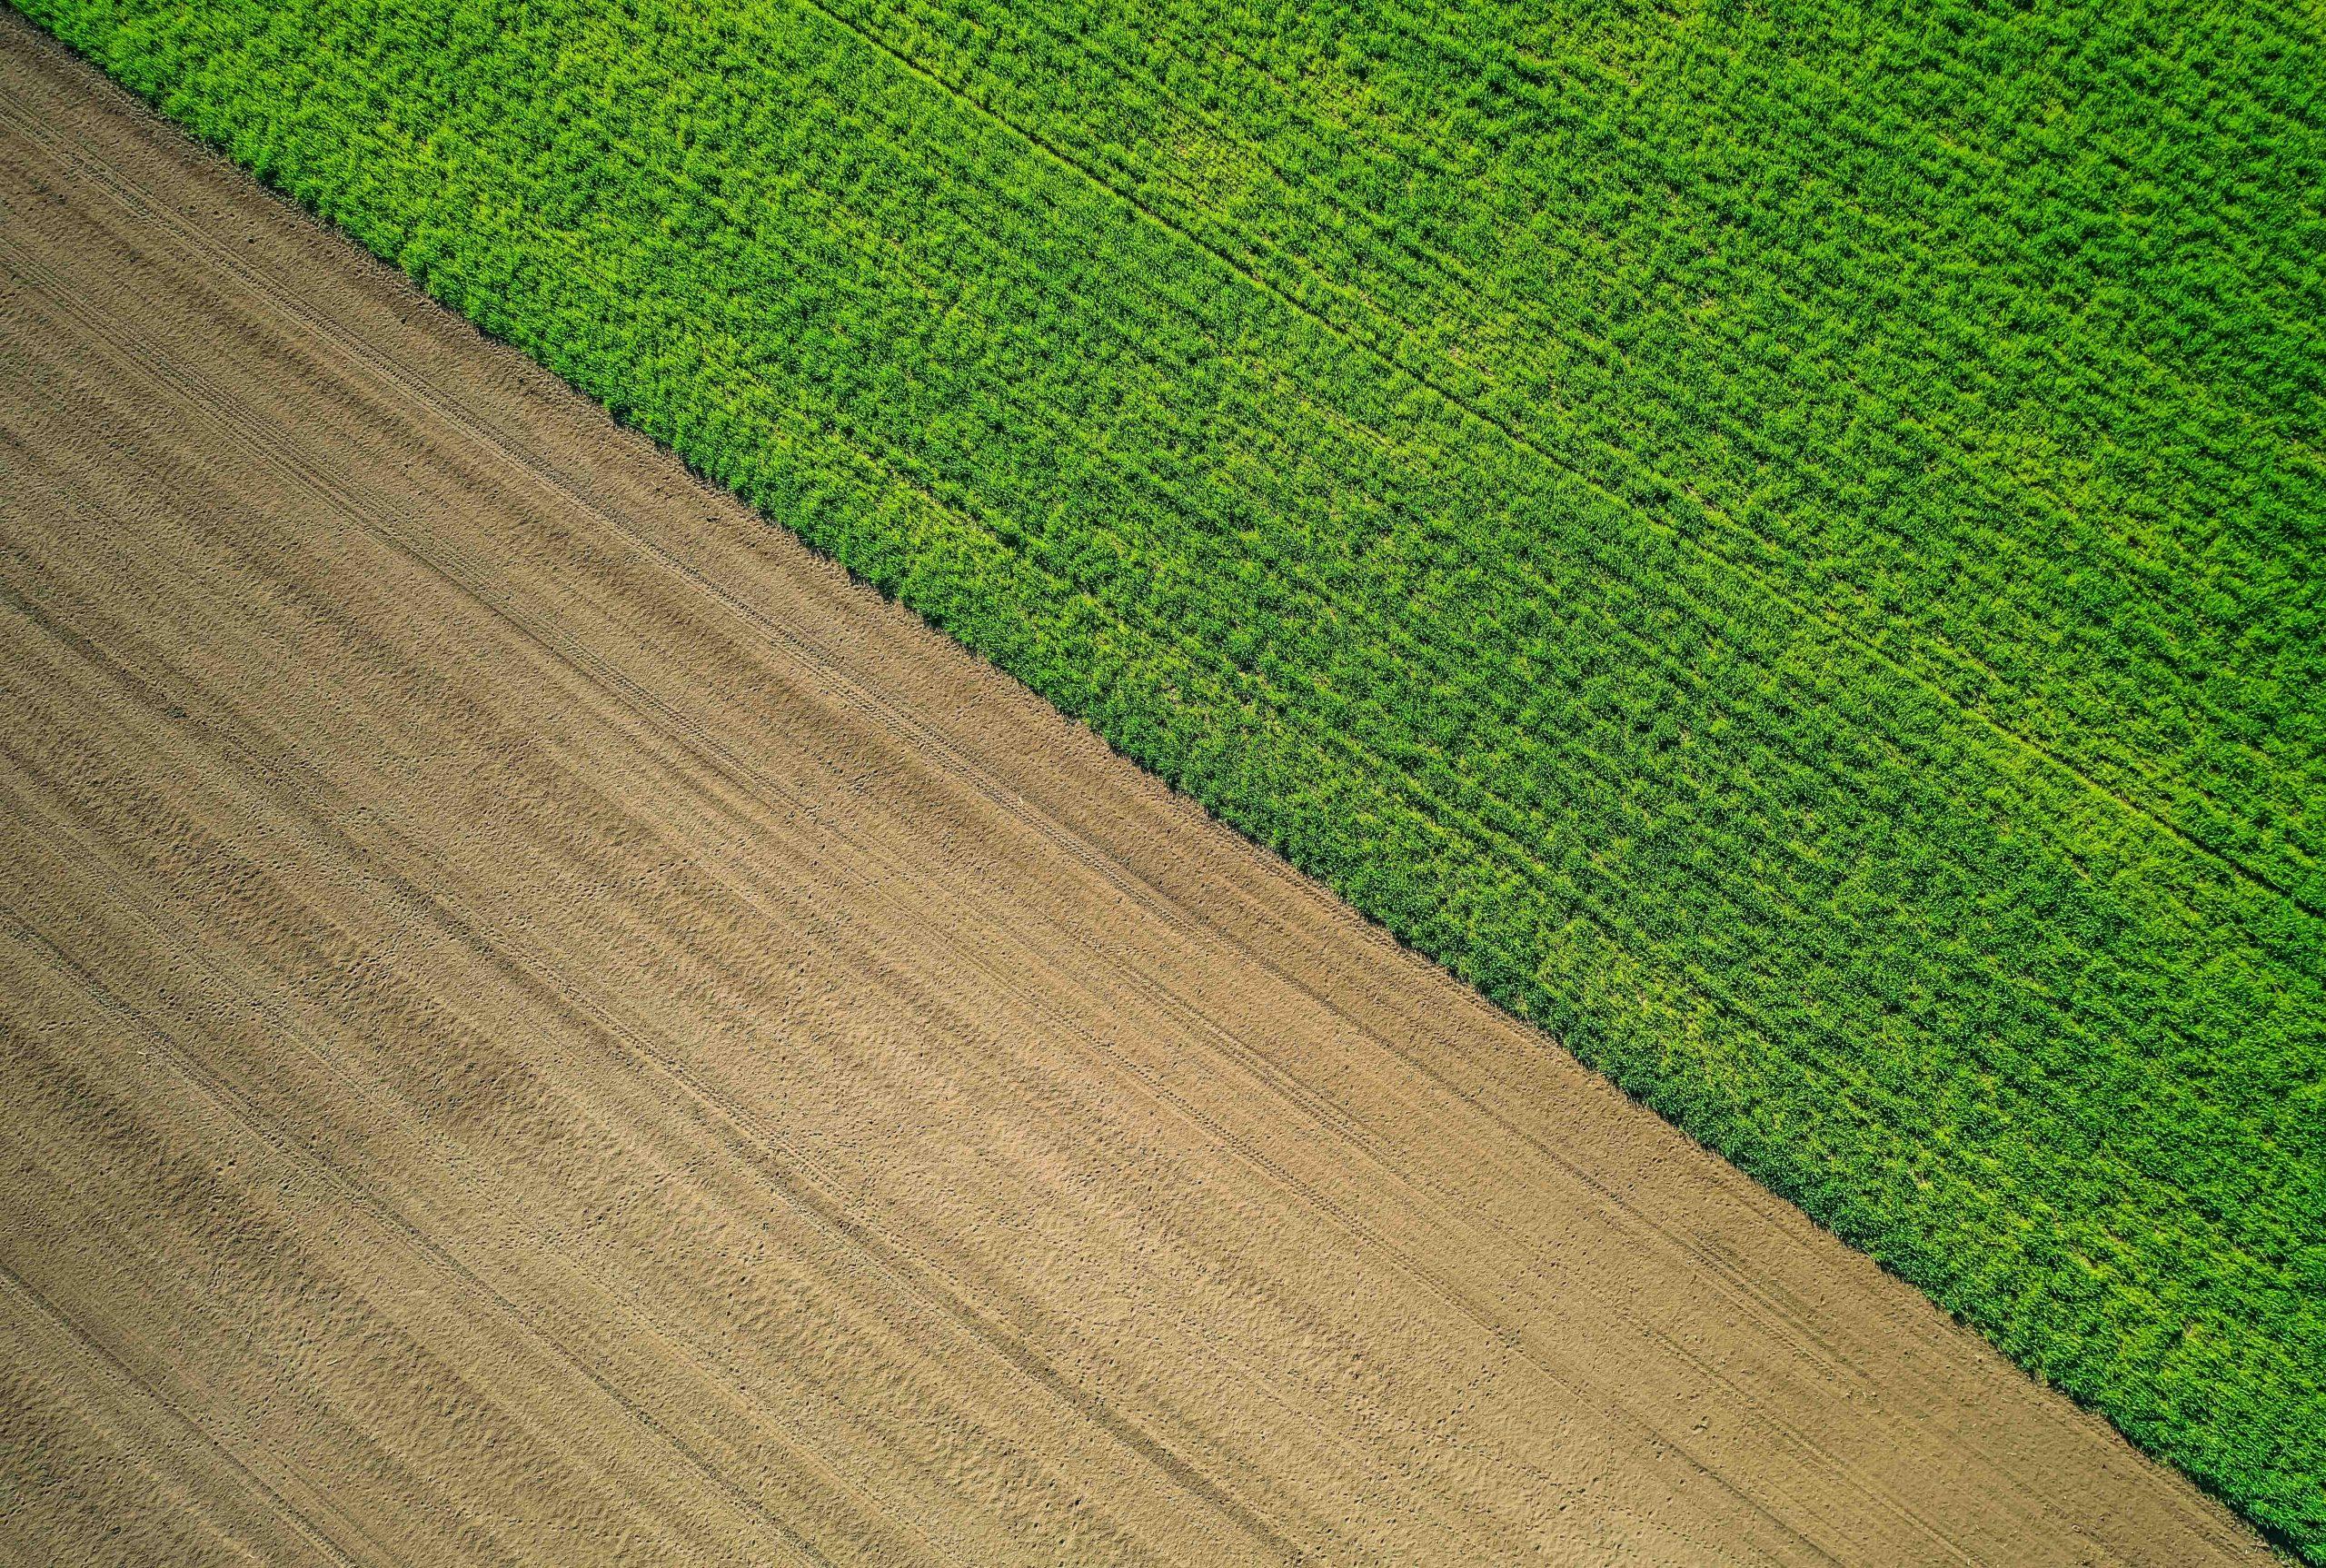 Condizionalità sociale: l'agricoltura europea chiude i rubinetti ai caporali